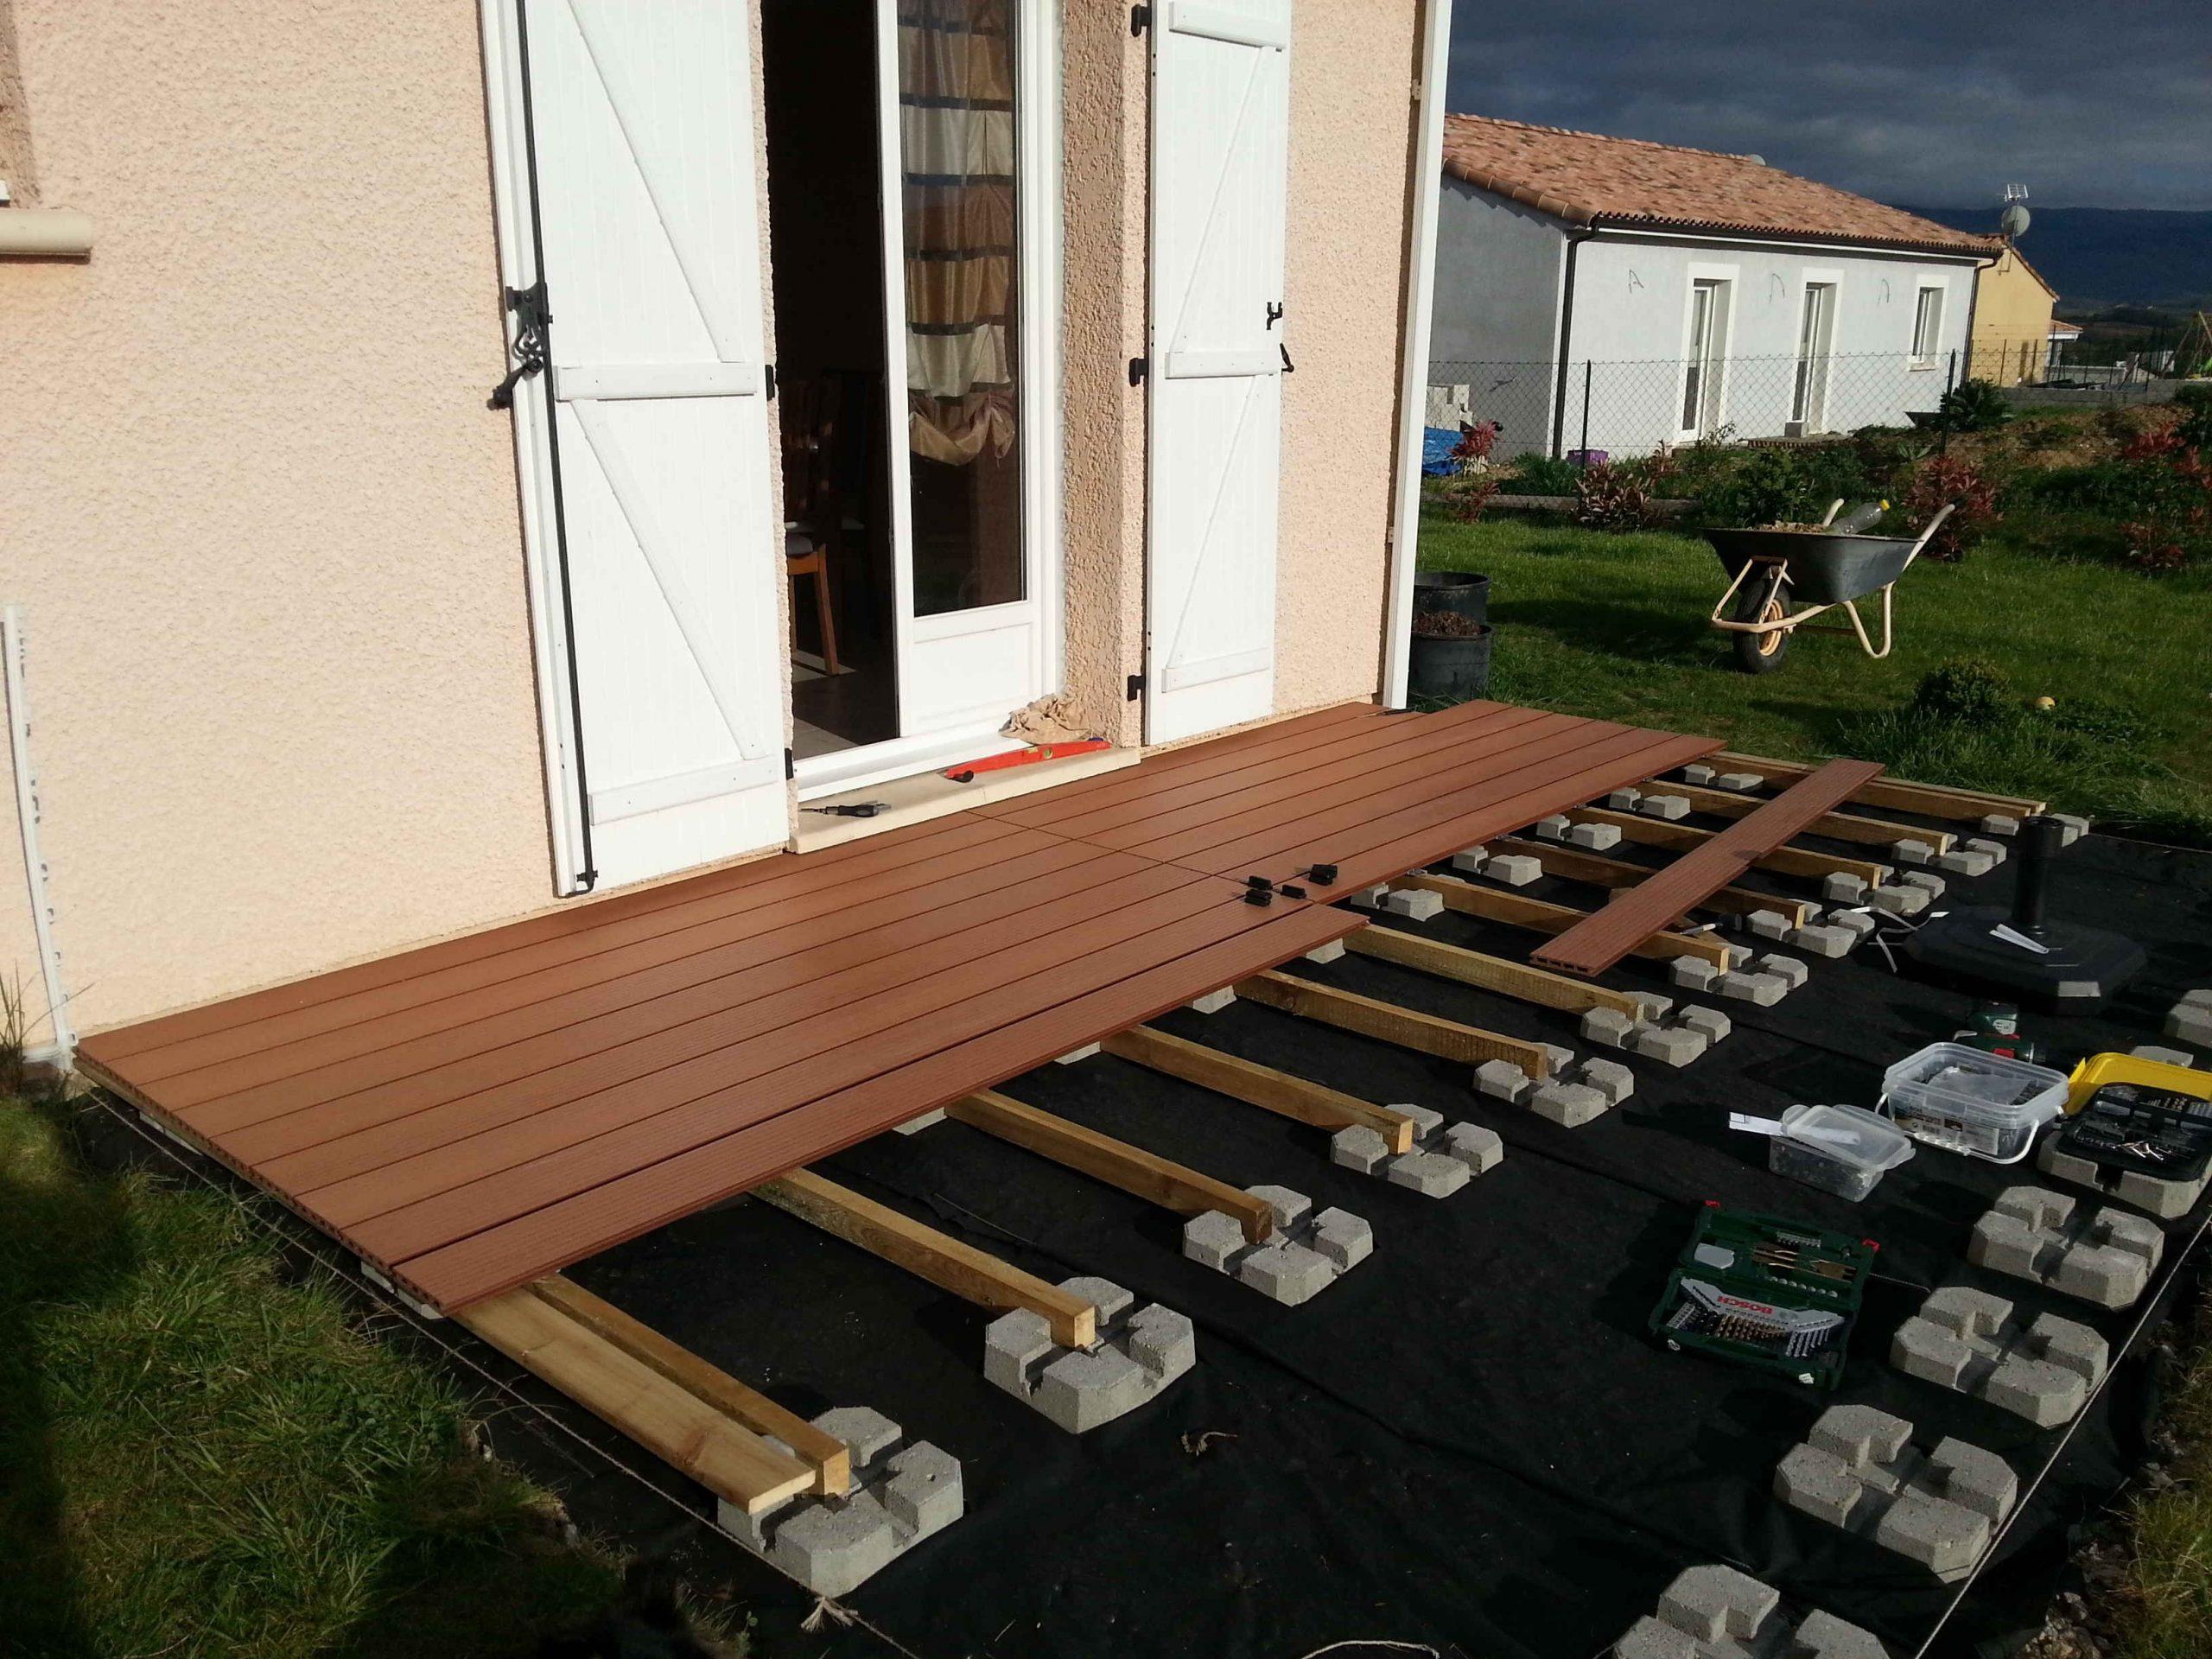 Comment Poser Une Terrasse Composite Sur Lambourdes Et Plots ... intérieur Plot De Terrasse Castorama